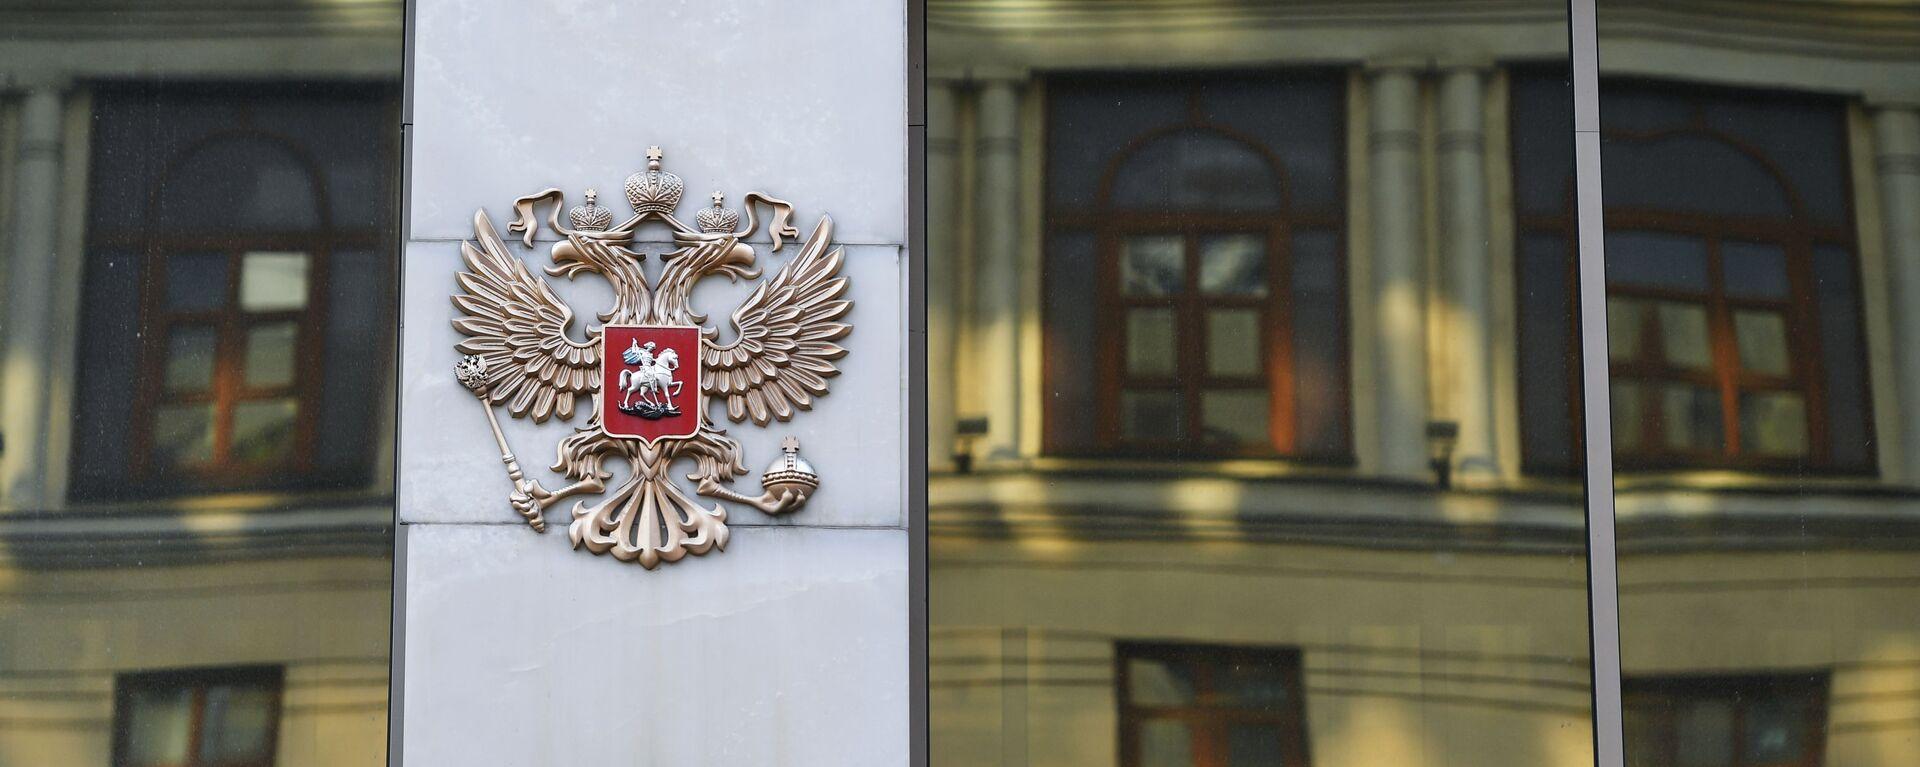 El escudo de Rusia en el edificio del Consejo de Federación ruso - Sputnik Mundo, 1920, 24.05.2021